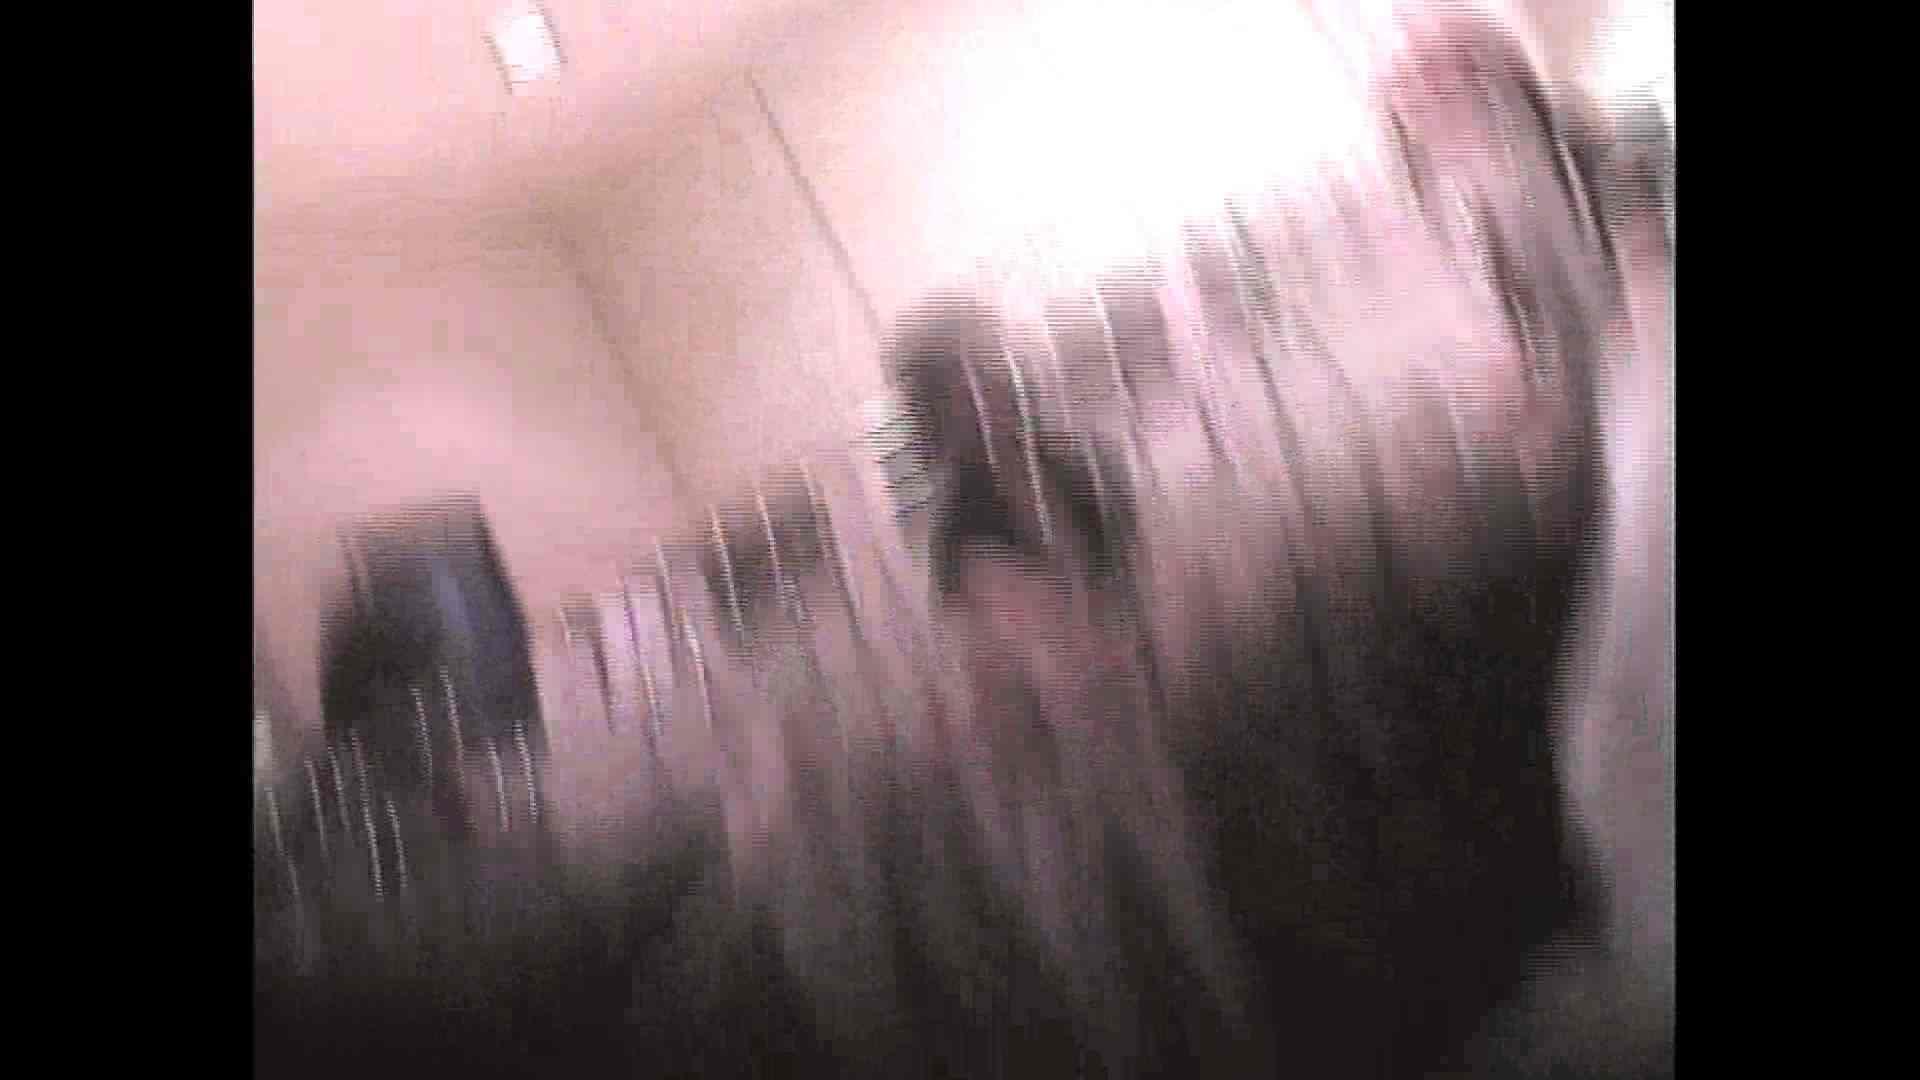 働く美女の谷間参拝 Vol.07 コスチューム | OLの実態  71pic 46